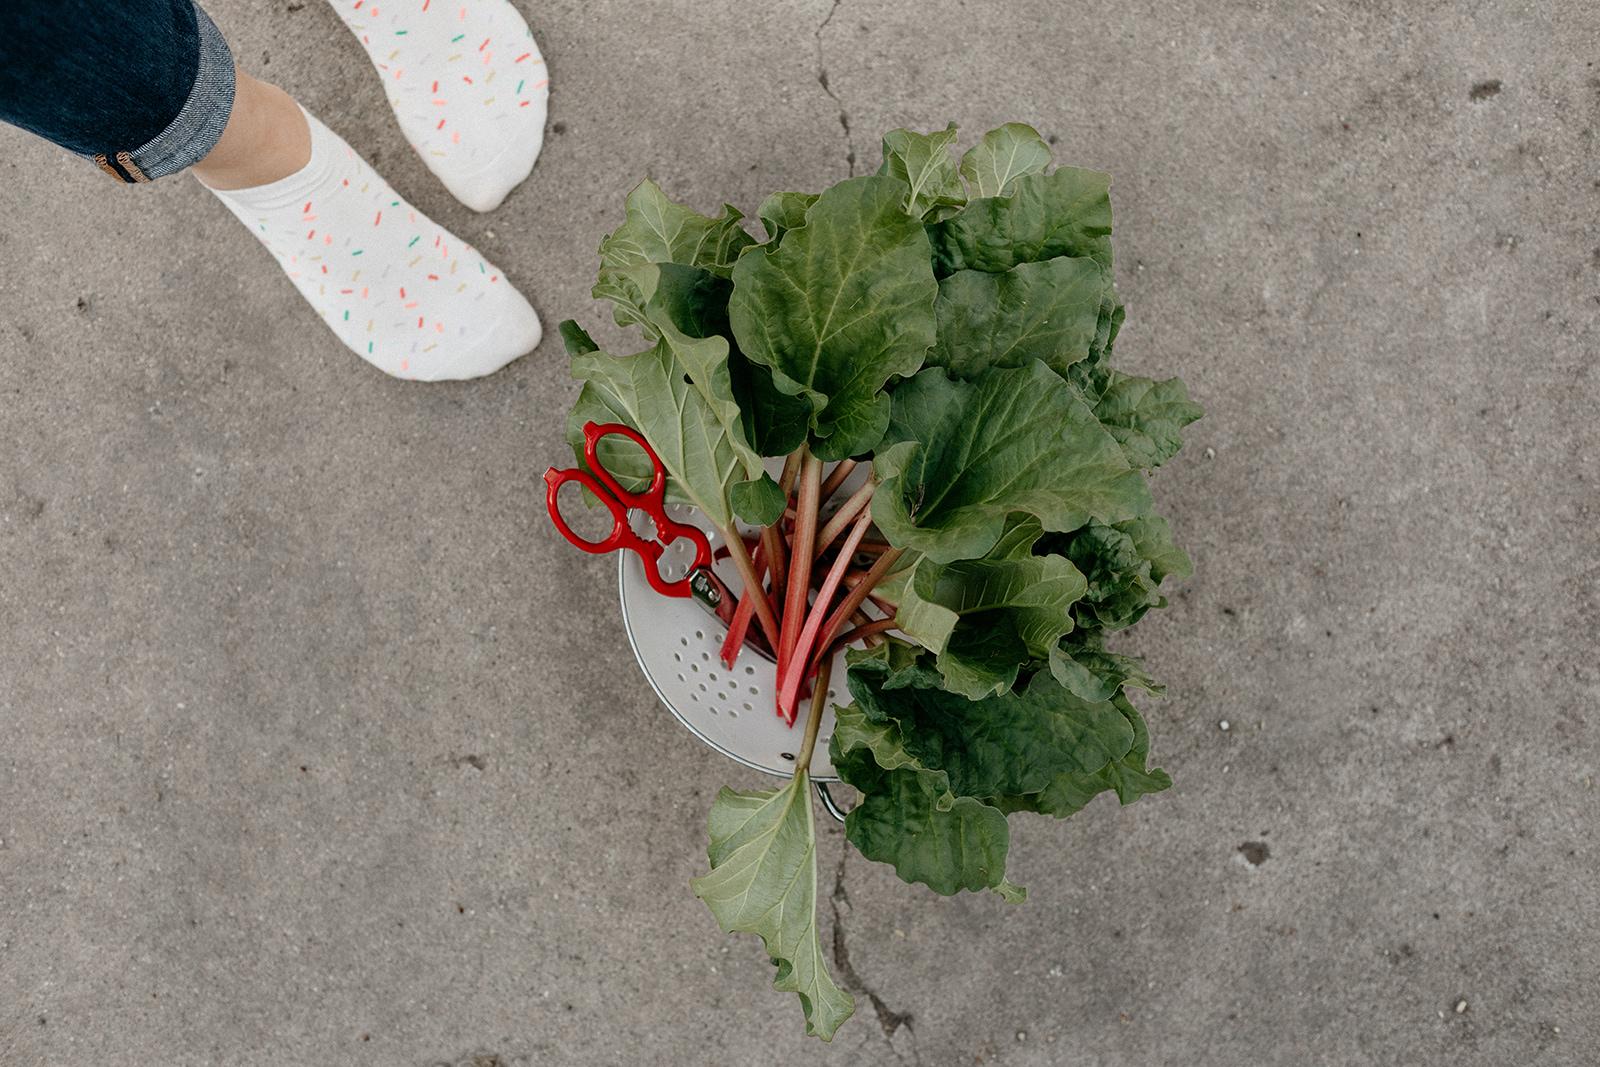 molly-yeh-rhubarb-birthday-cake-4.jpg